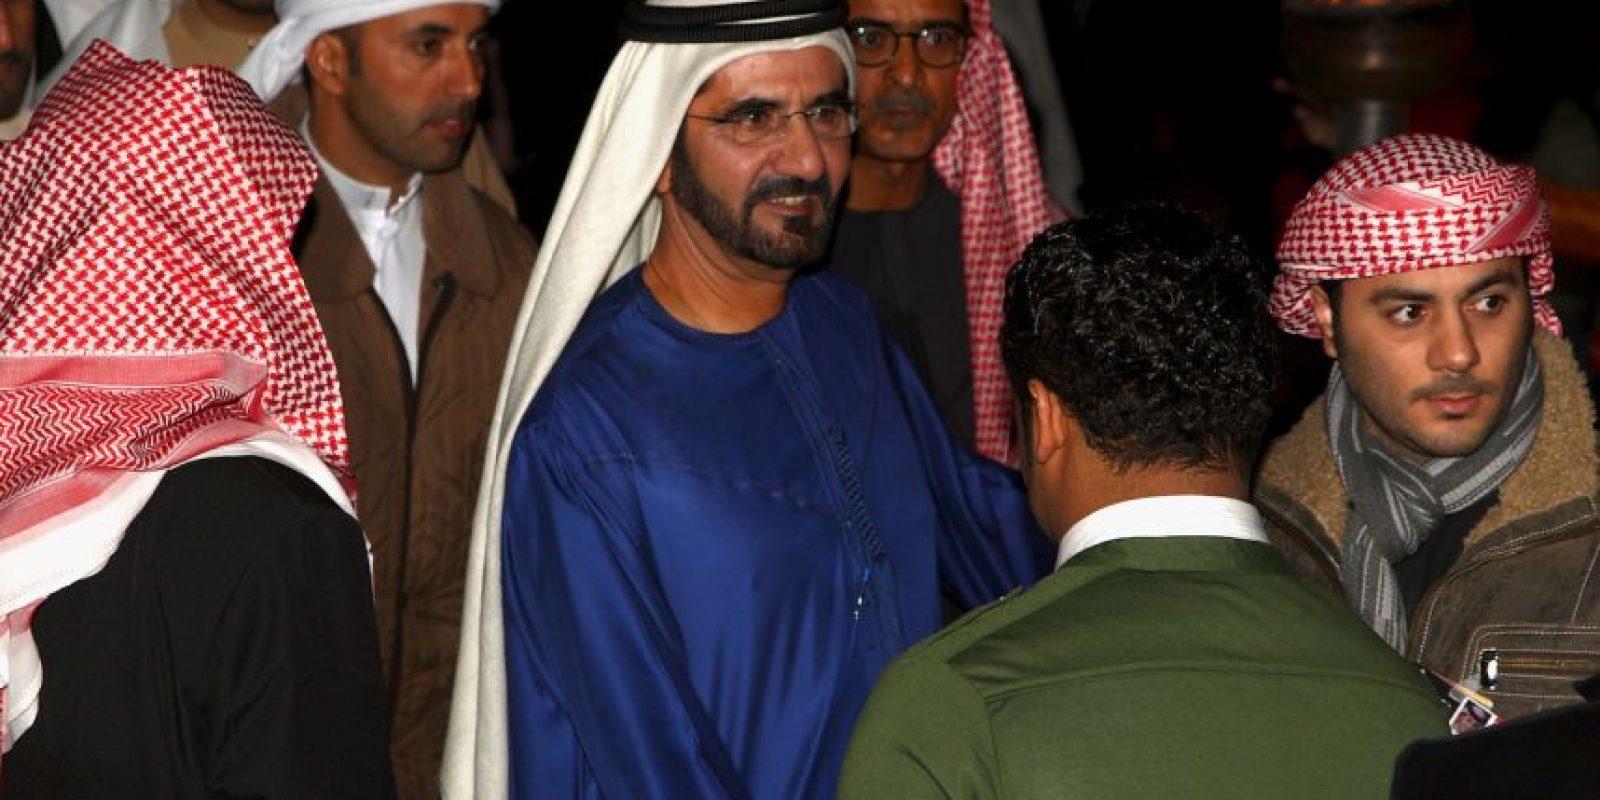 El Primer Ministro de los Emiratos Árabes Unidos y Emir Sheik de Dubai tiene una fortuna calculada en cuatro mil millones de dólares. Foto:Getty Images